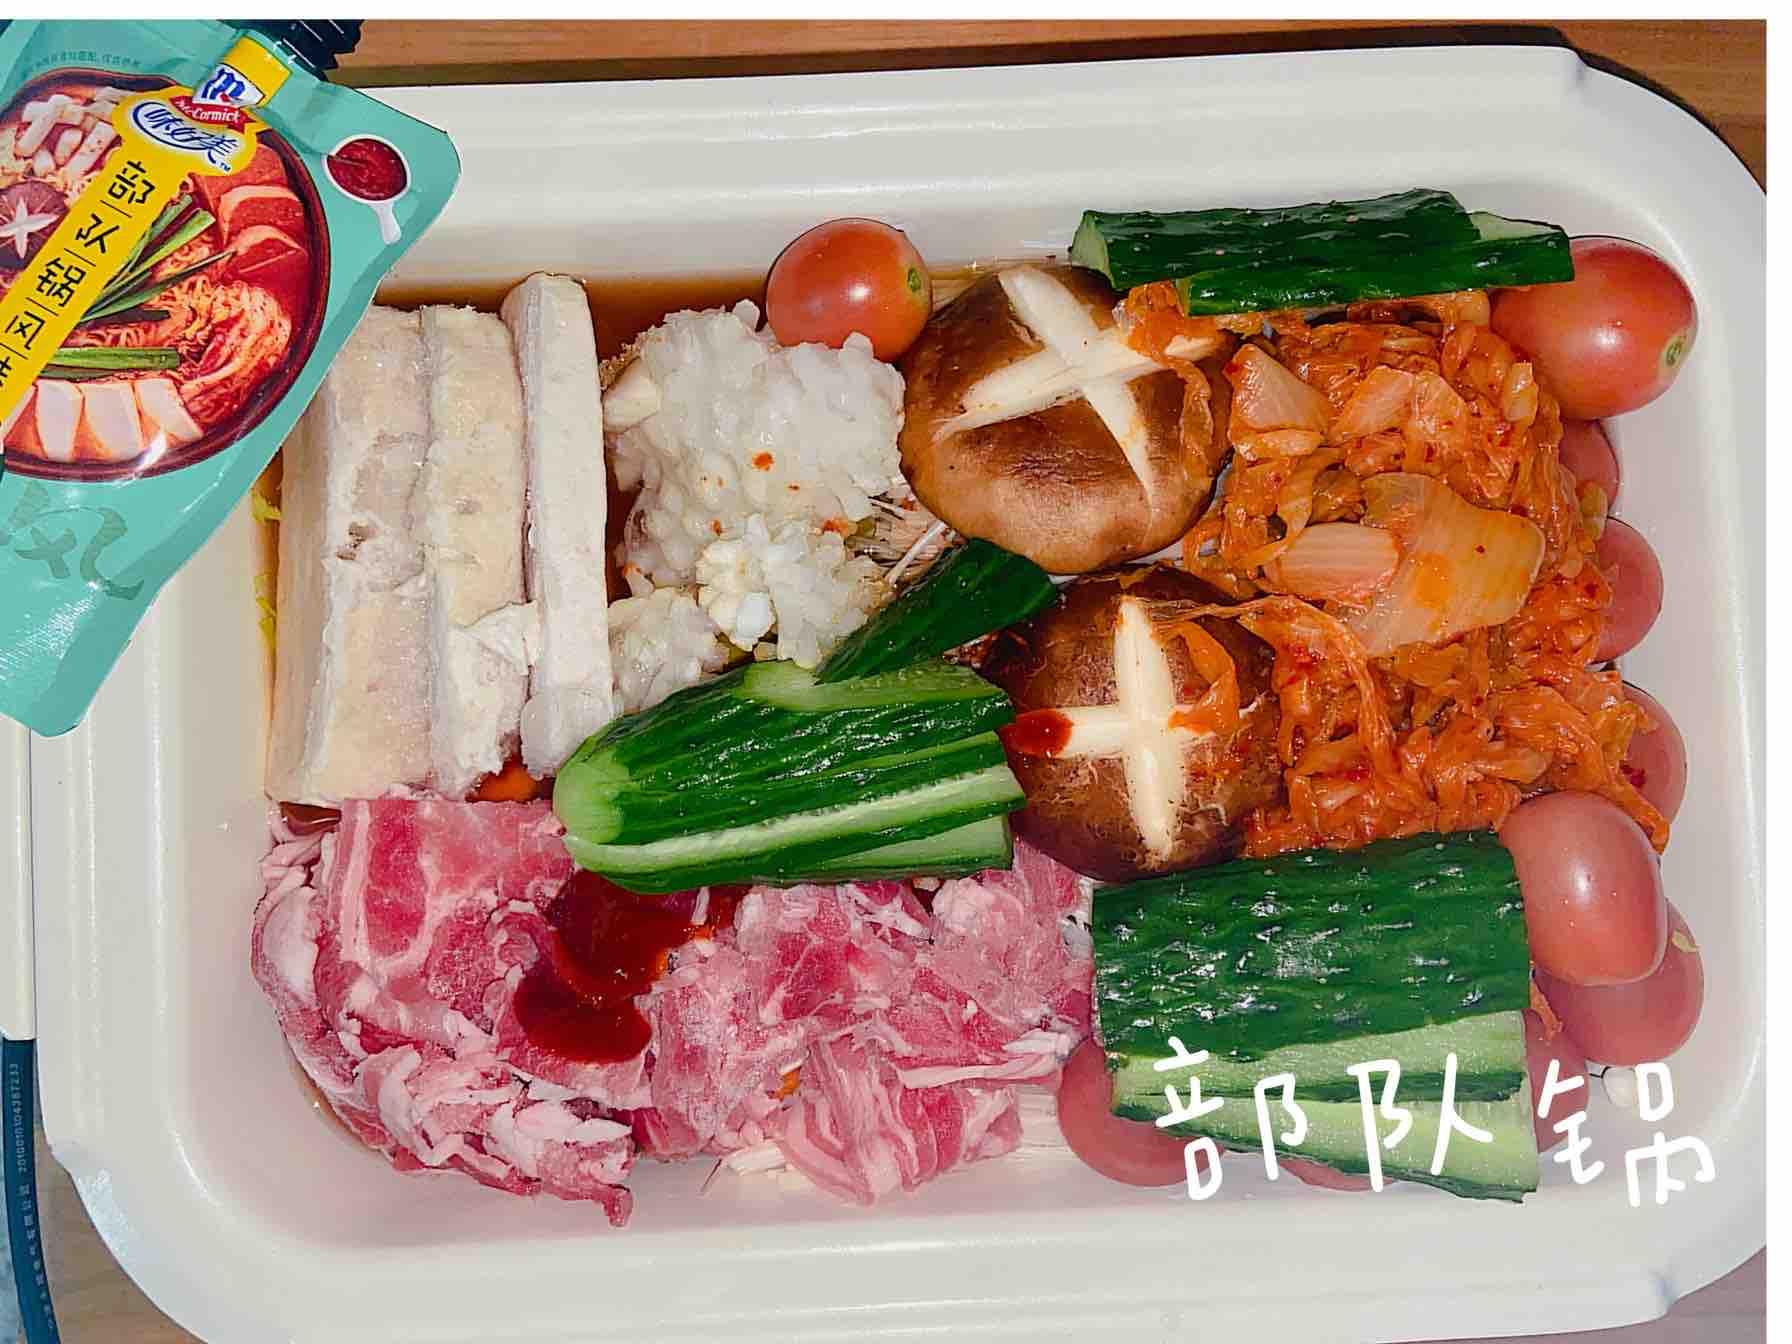 想吃部队火锅三步就能搞定暖身煲剧~~部队火锅的简单做法